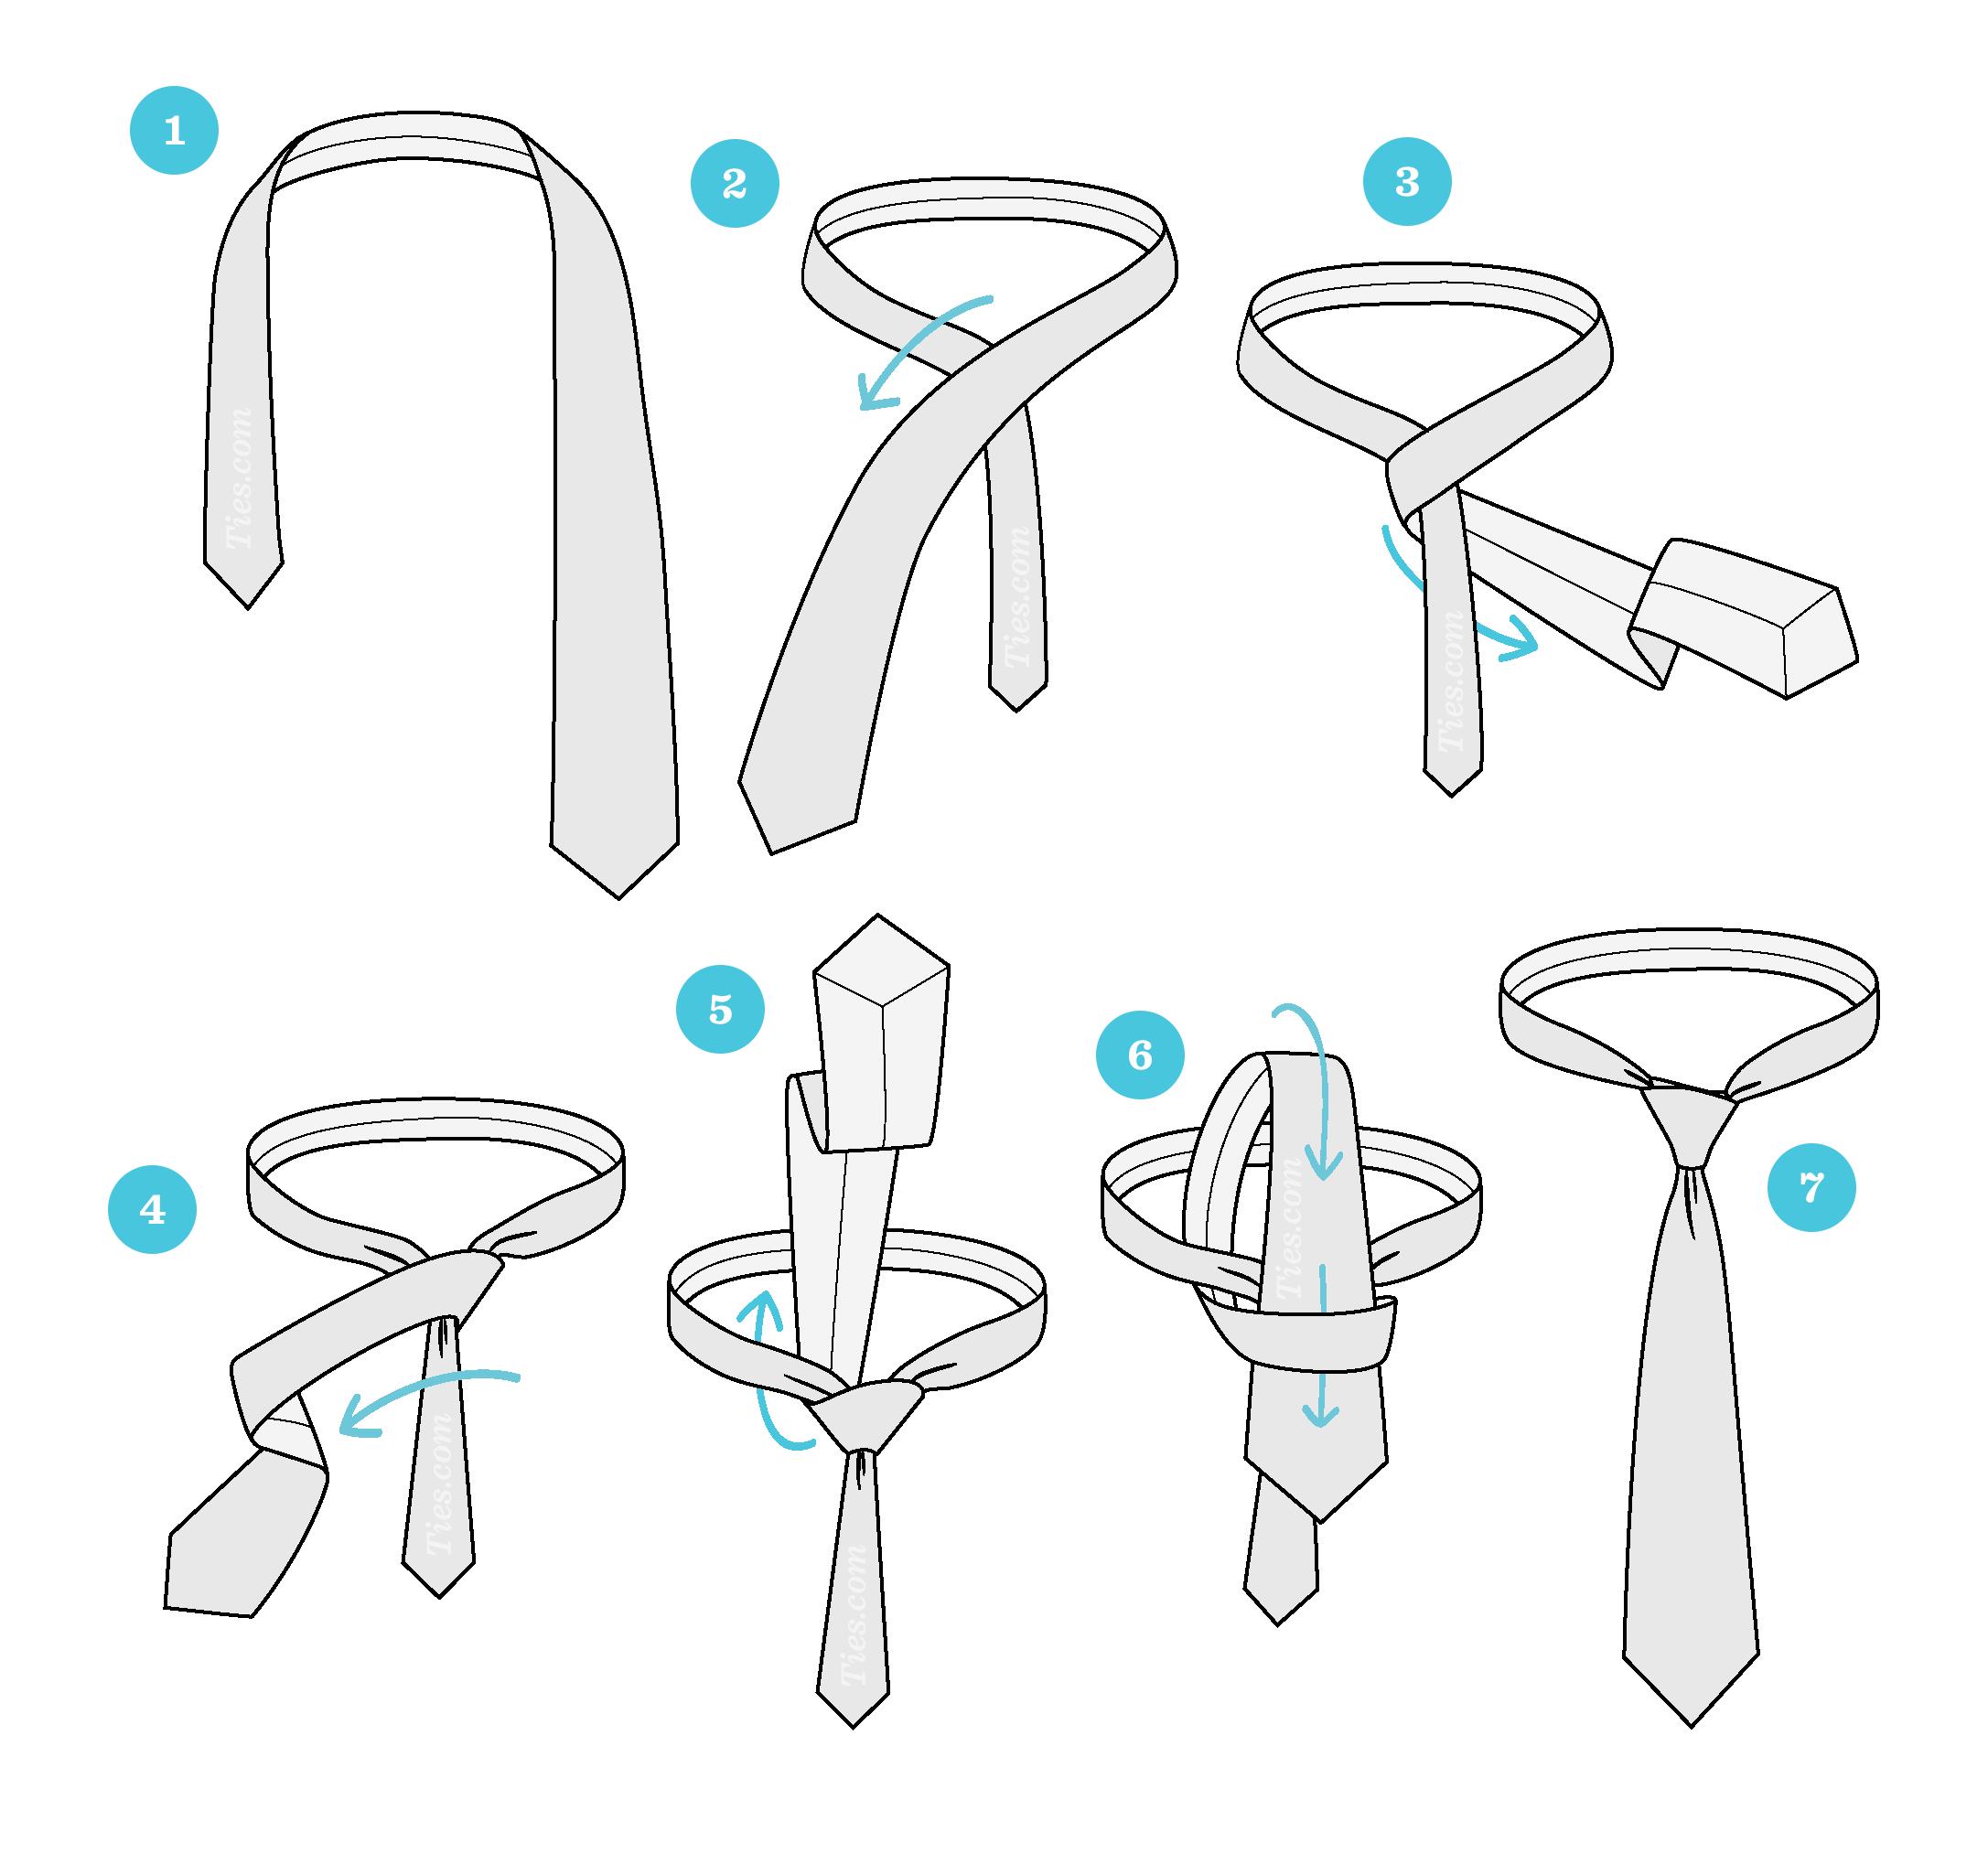 آموزش چگونگی گره کراوات چهار در دست